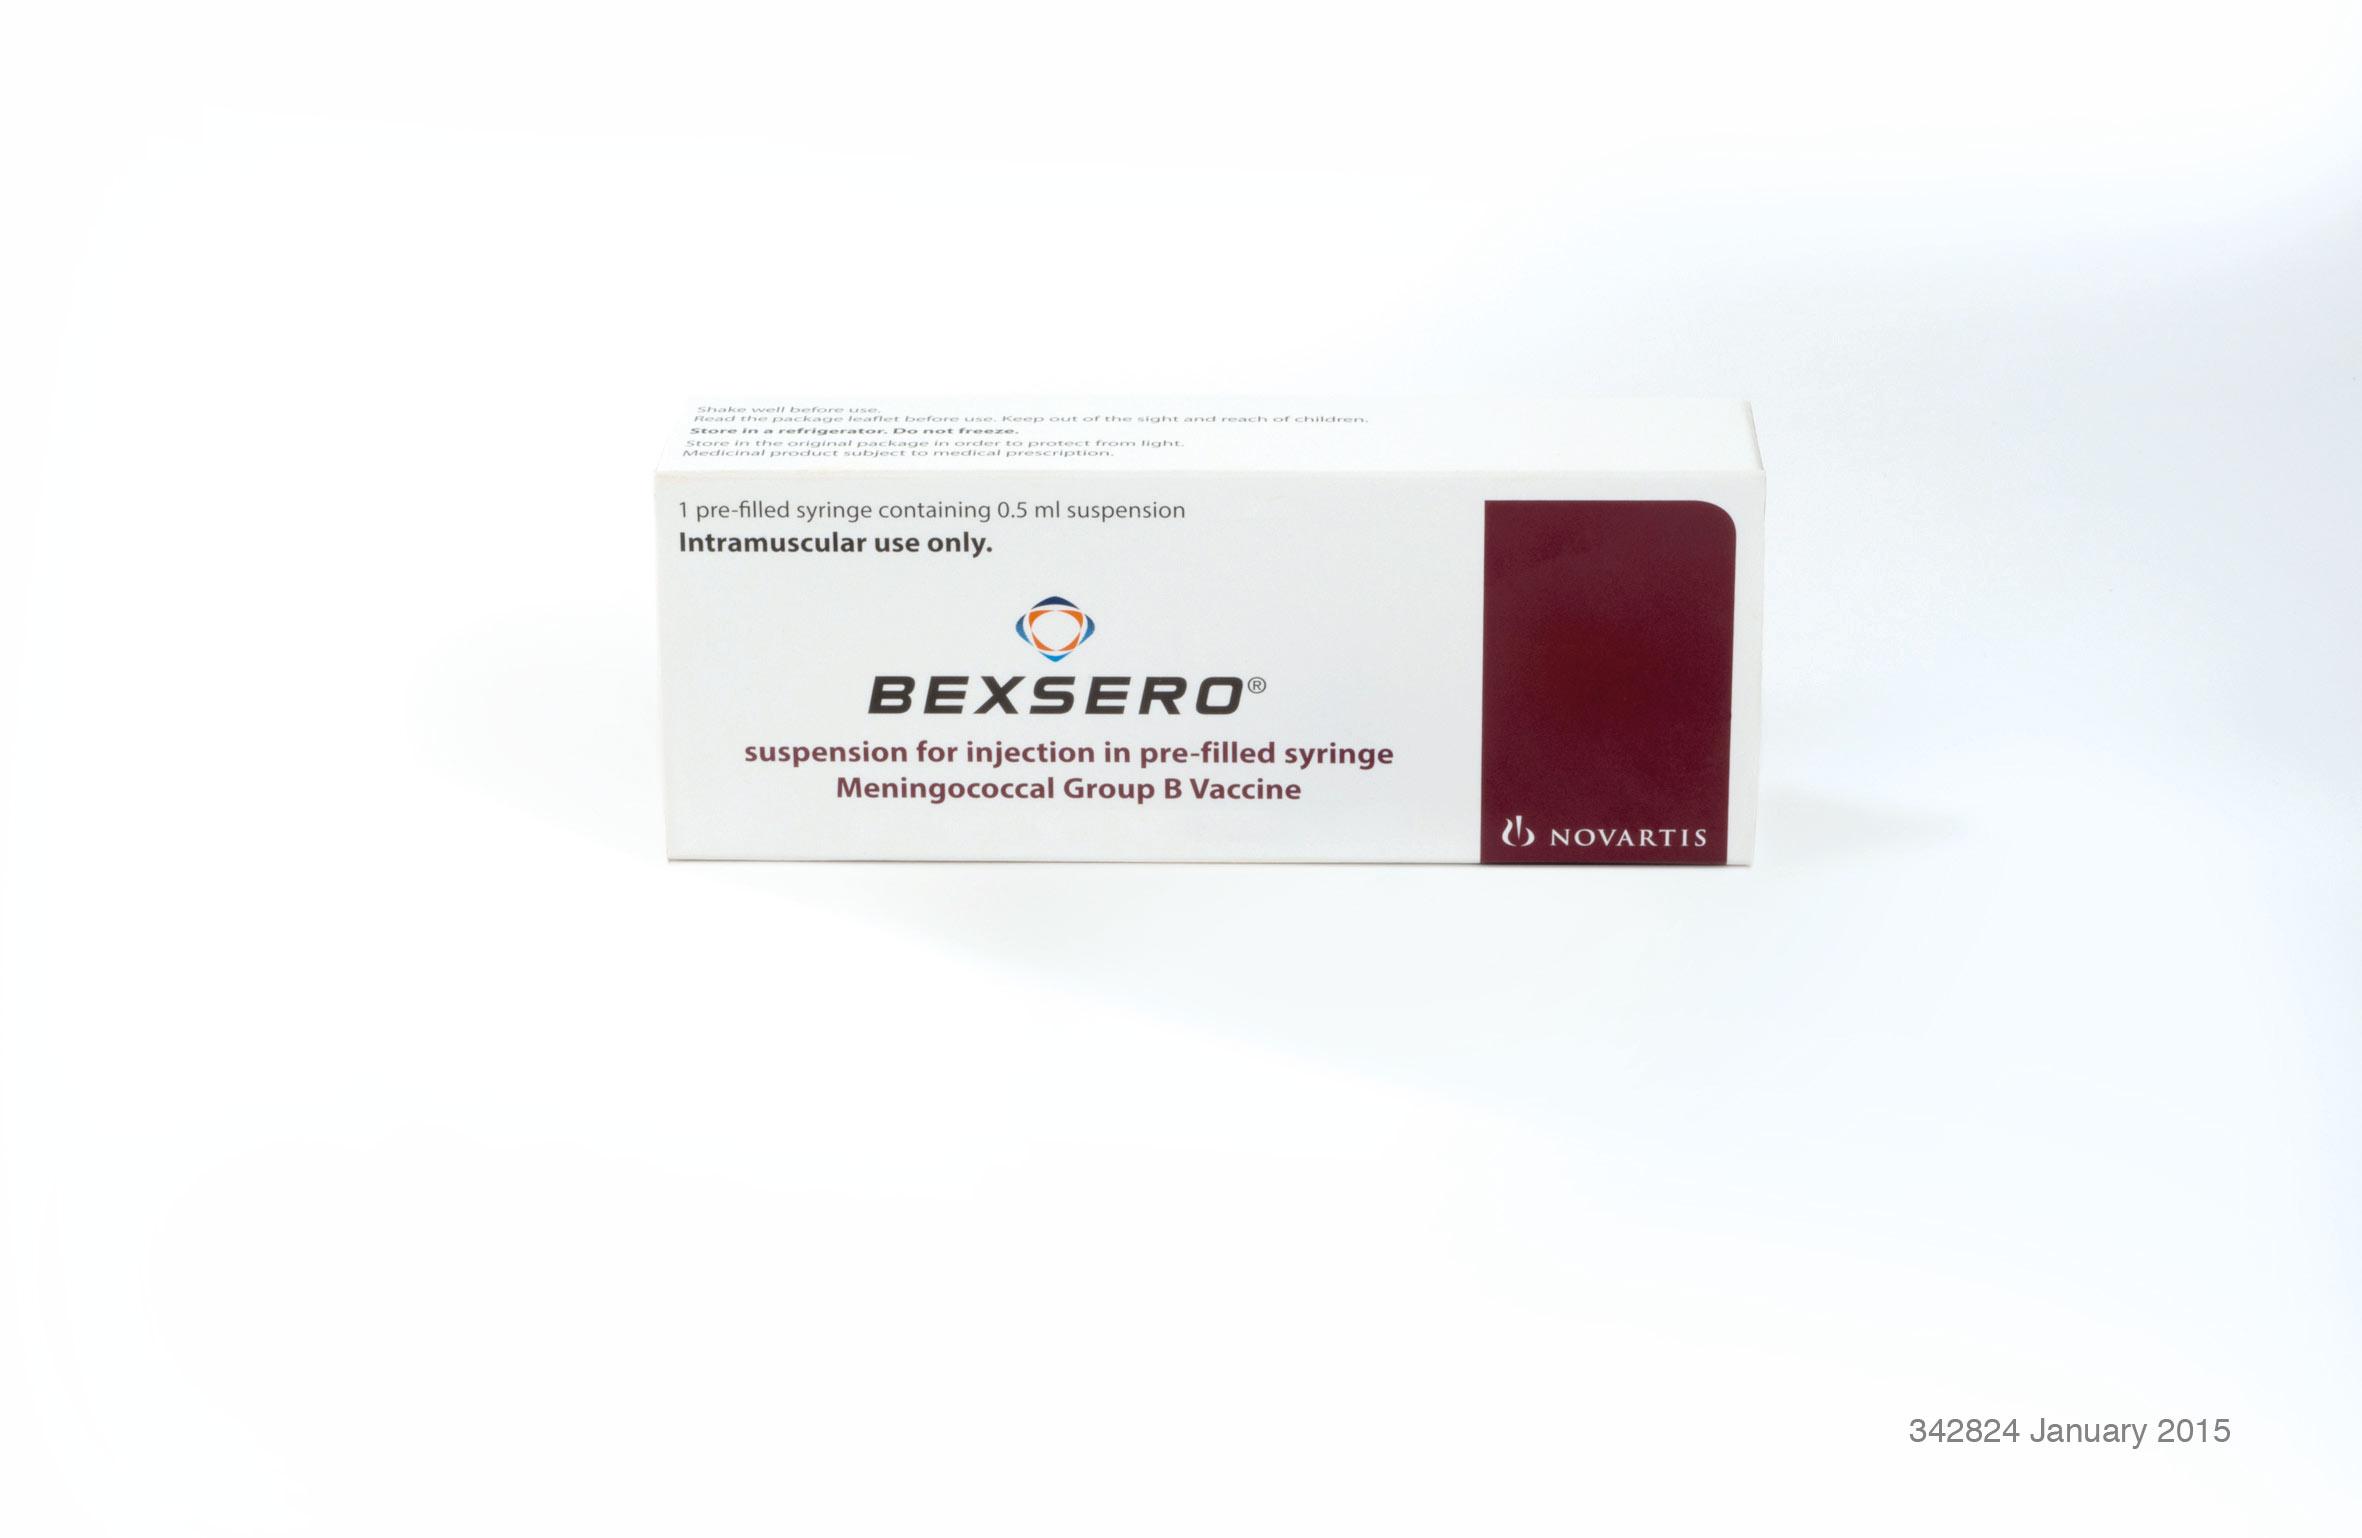 BEXSERO